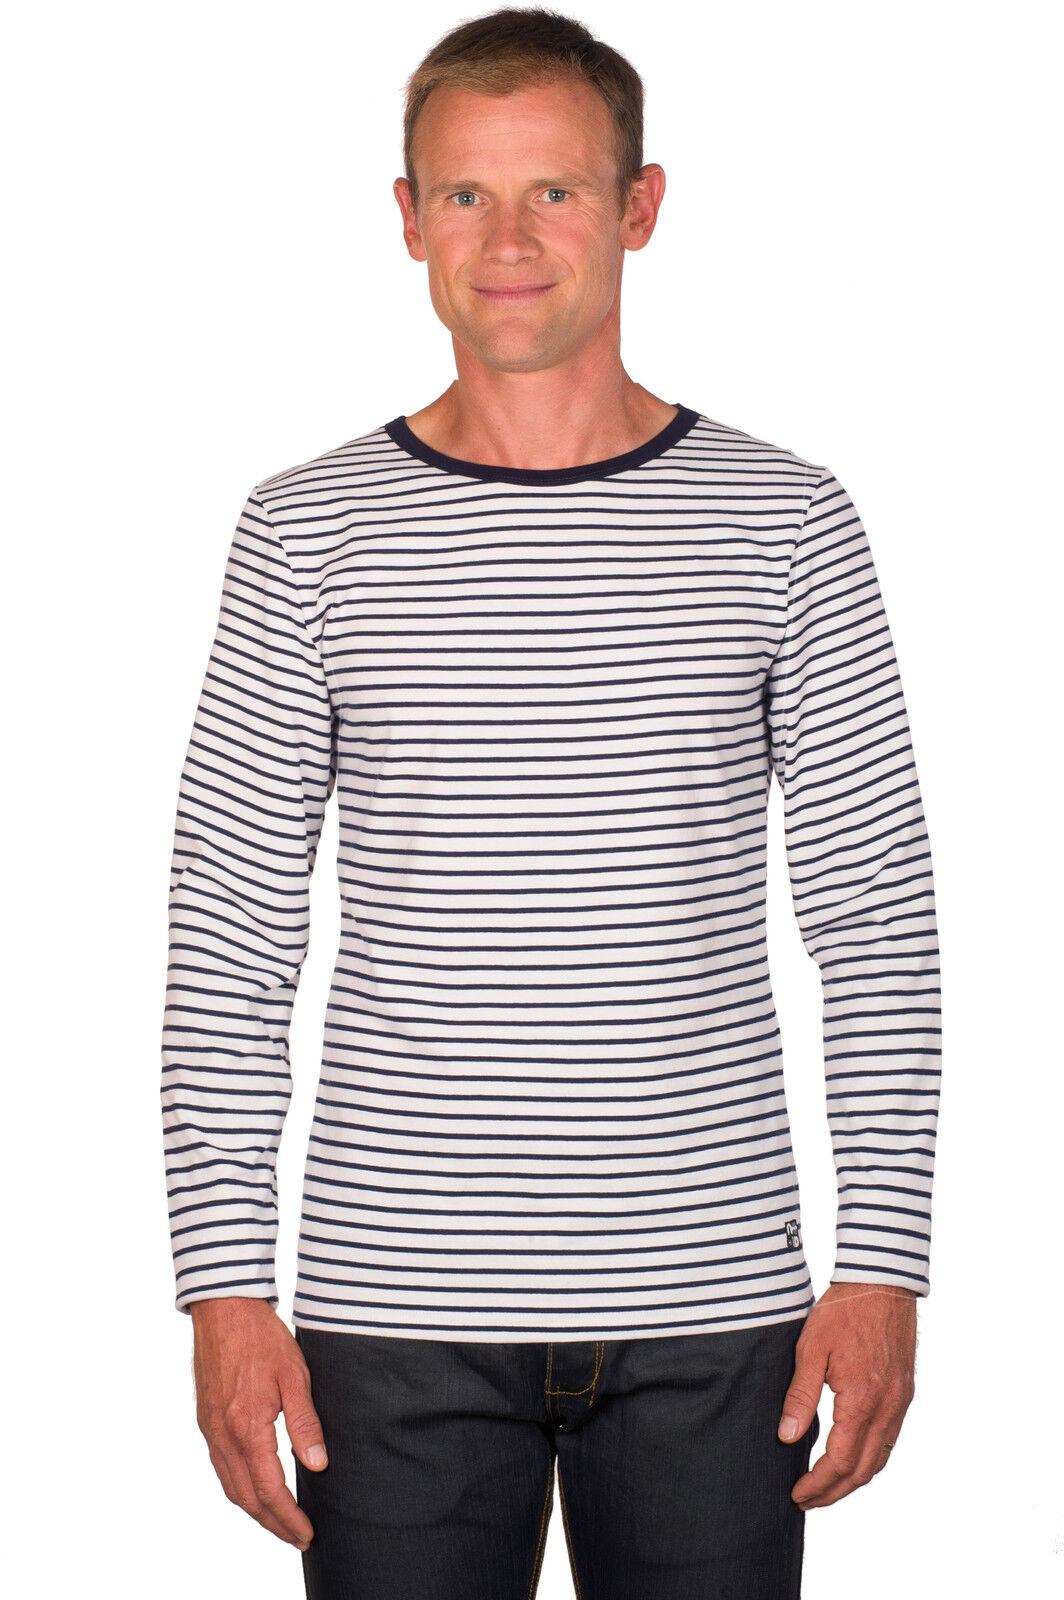 Ugholin Herren Baumwolle Weiß und Blau Gestreift Langarm T-Shirt     | Das hochwertigste Material